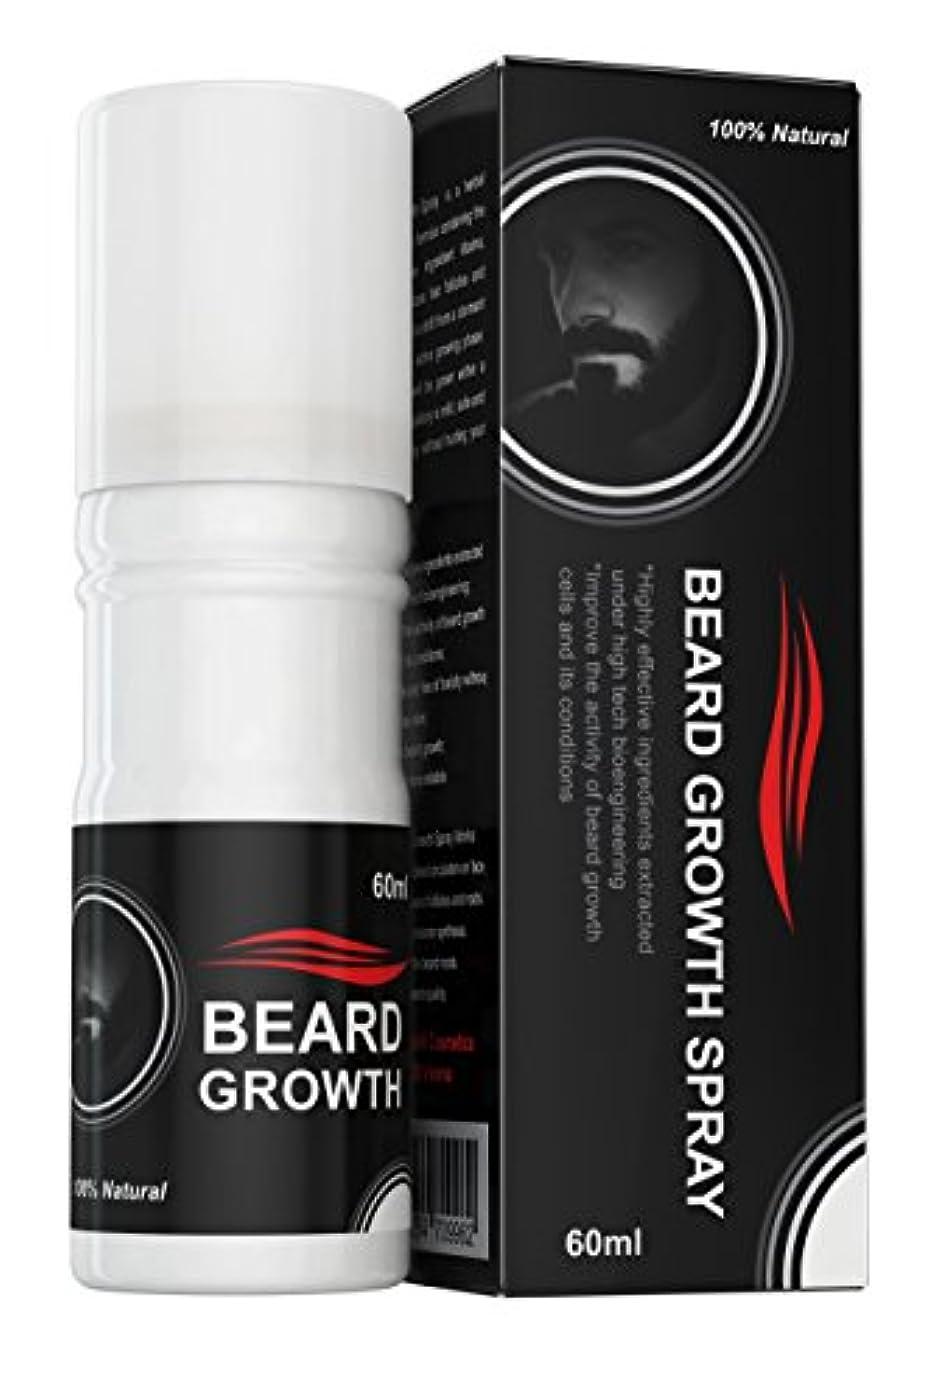 設置ケーキ気性Beard Growth Spray®(ベアードグロースプレー®)- ヒゲの育毛剤 - 100%天然成分使用